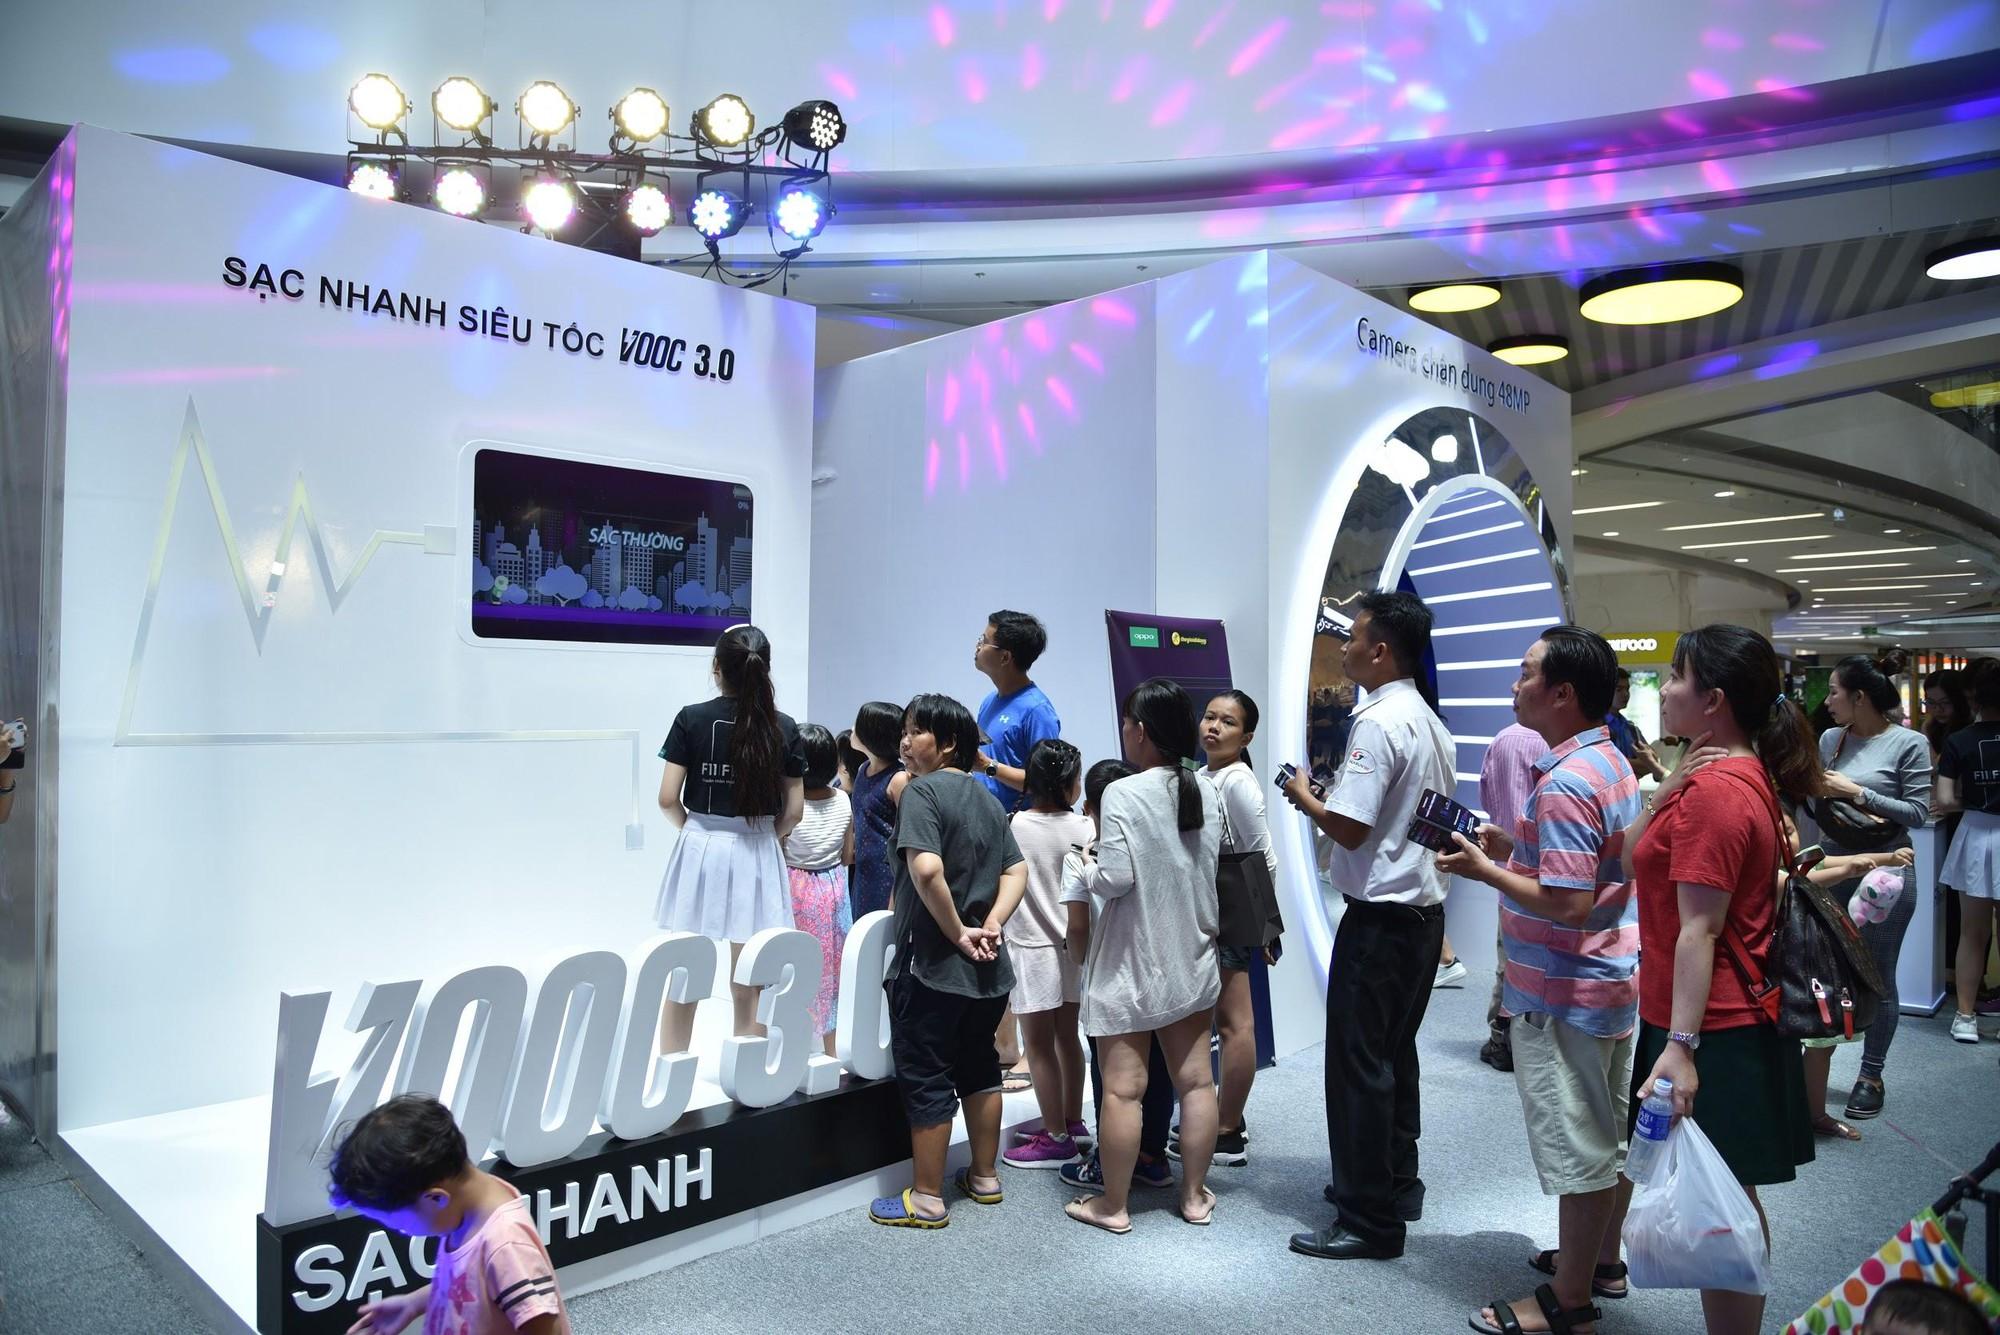 Giới trẻ Sài Gòn hào hứng trải nghiệm OPPO F11 và F11 Pro - Ảnh 3.